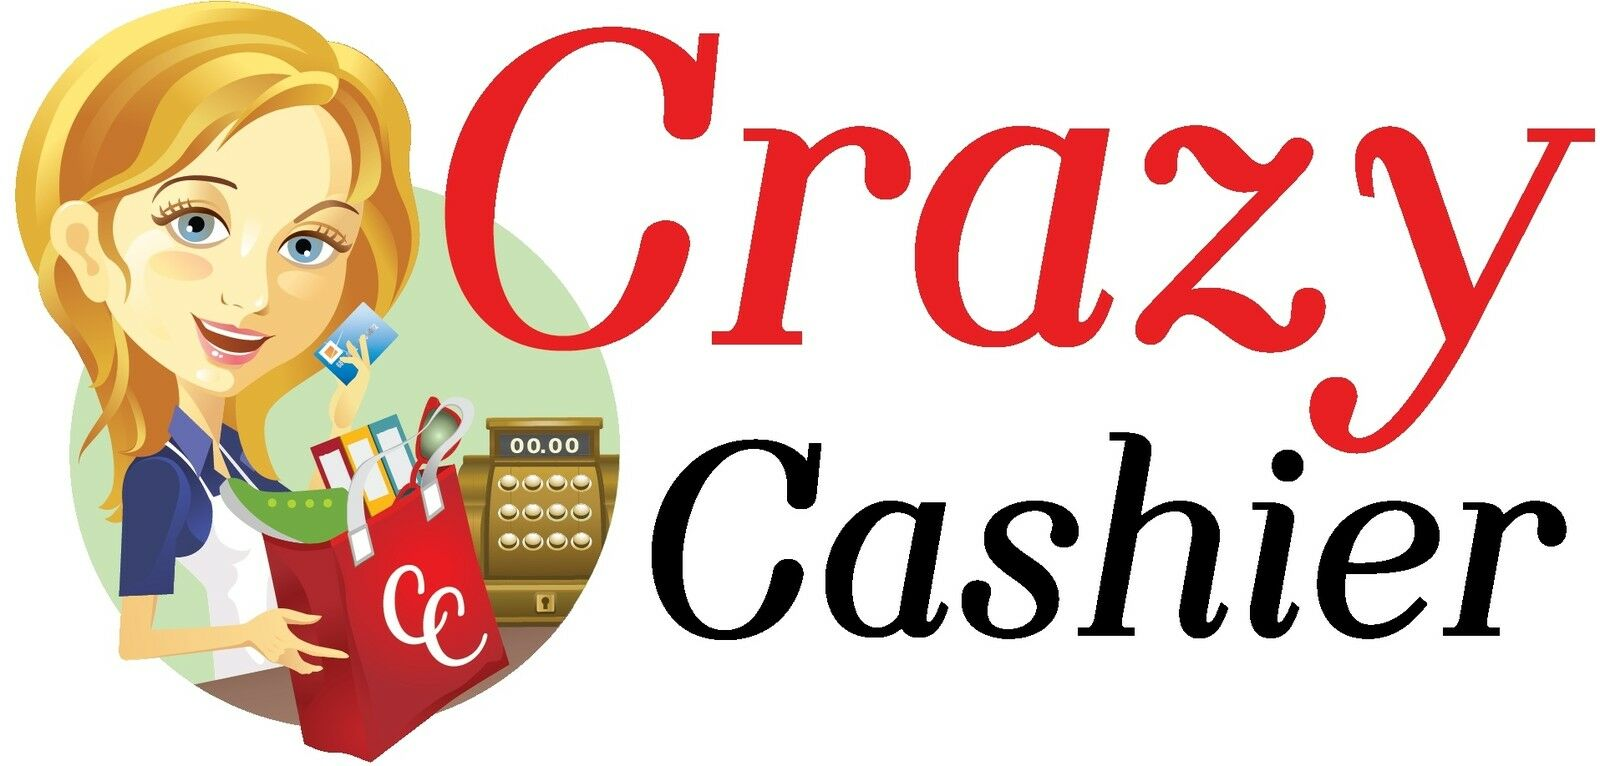 Crazy Cashier